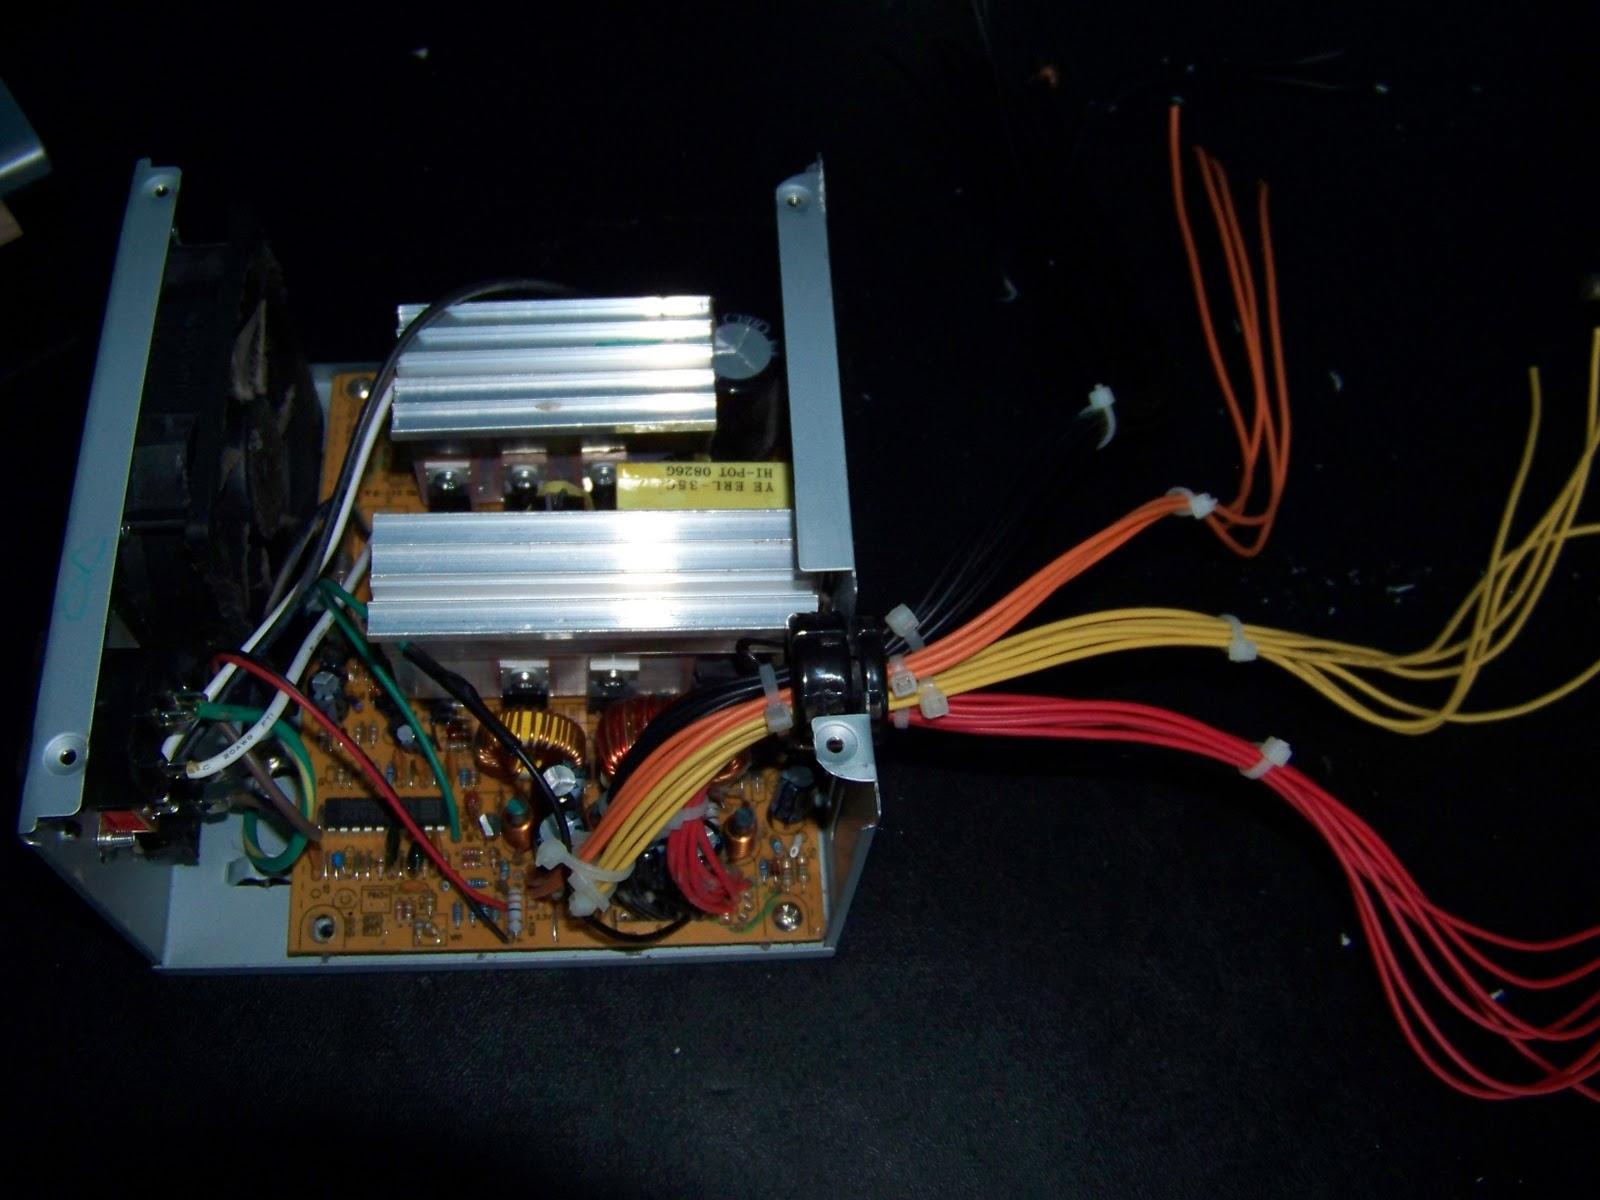 Http 000vmms3amazonawscom Printrbot Files 2011 08 Cisco Rj45 E1 Pinout Diagram Pinoutsru 101 0835